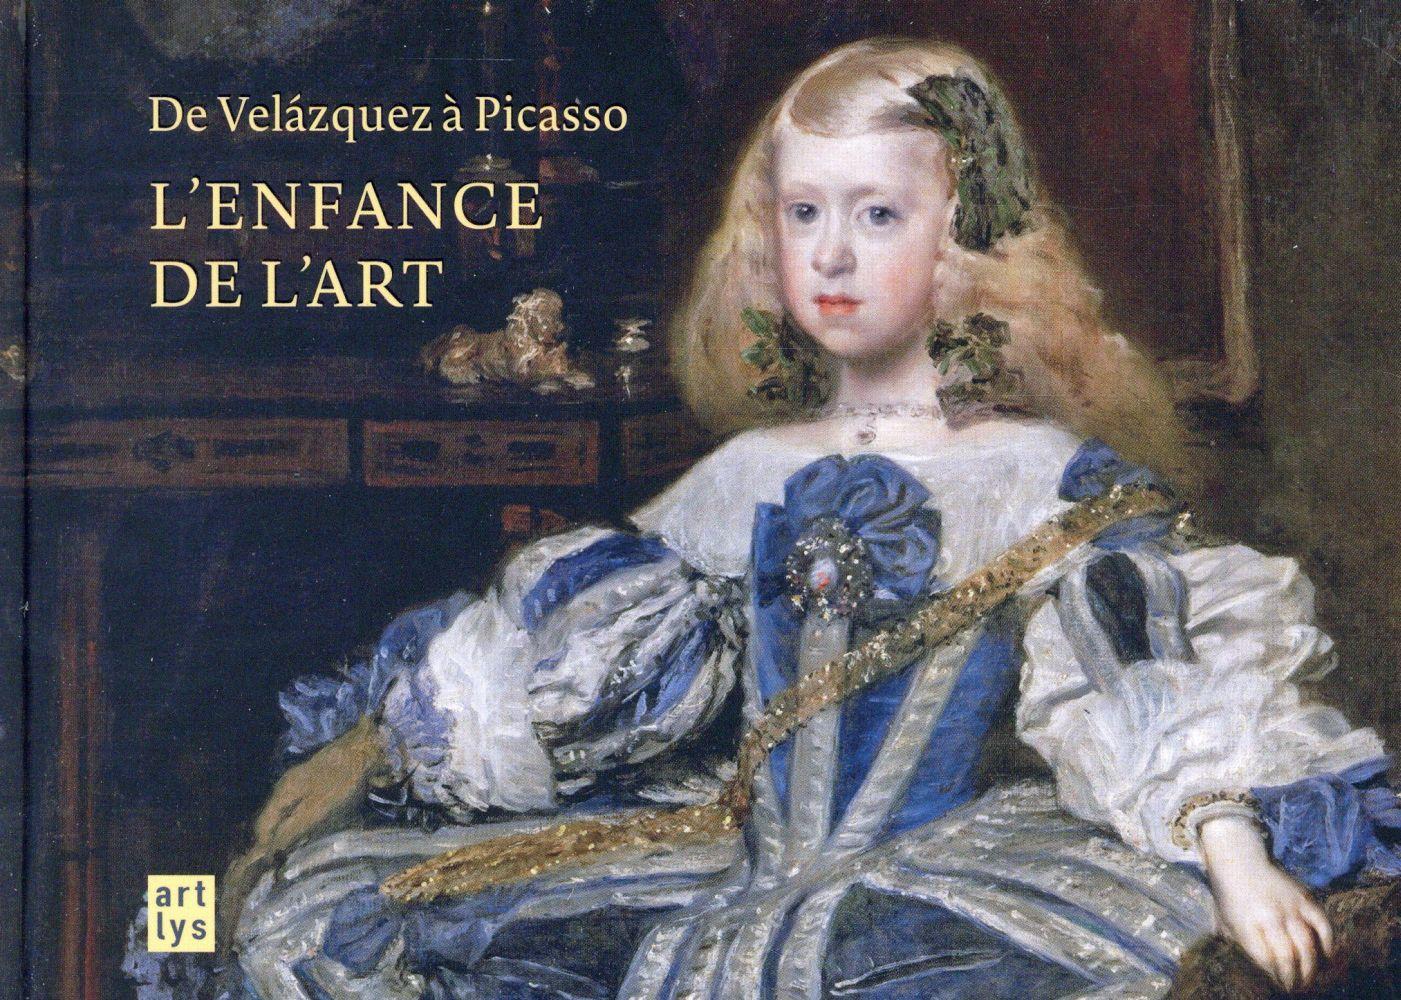 L'enfance de l'art ; de Velázquez à Picasso